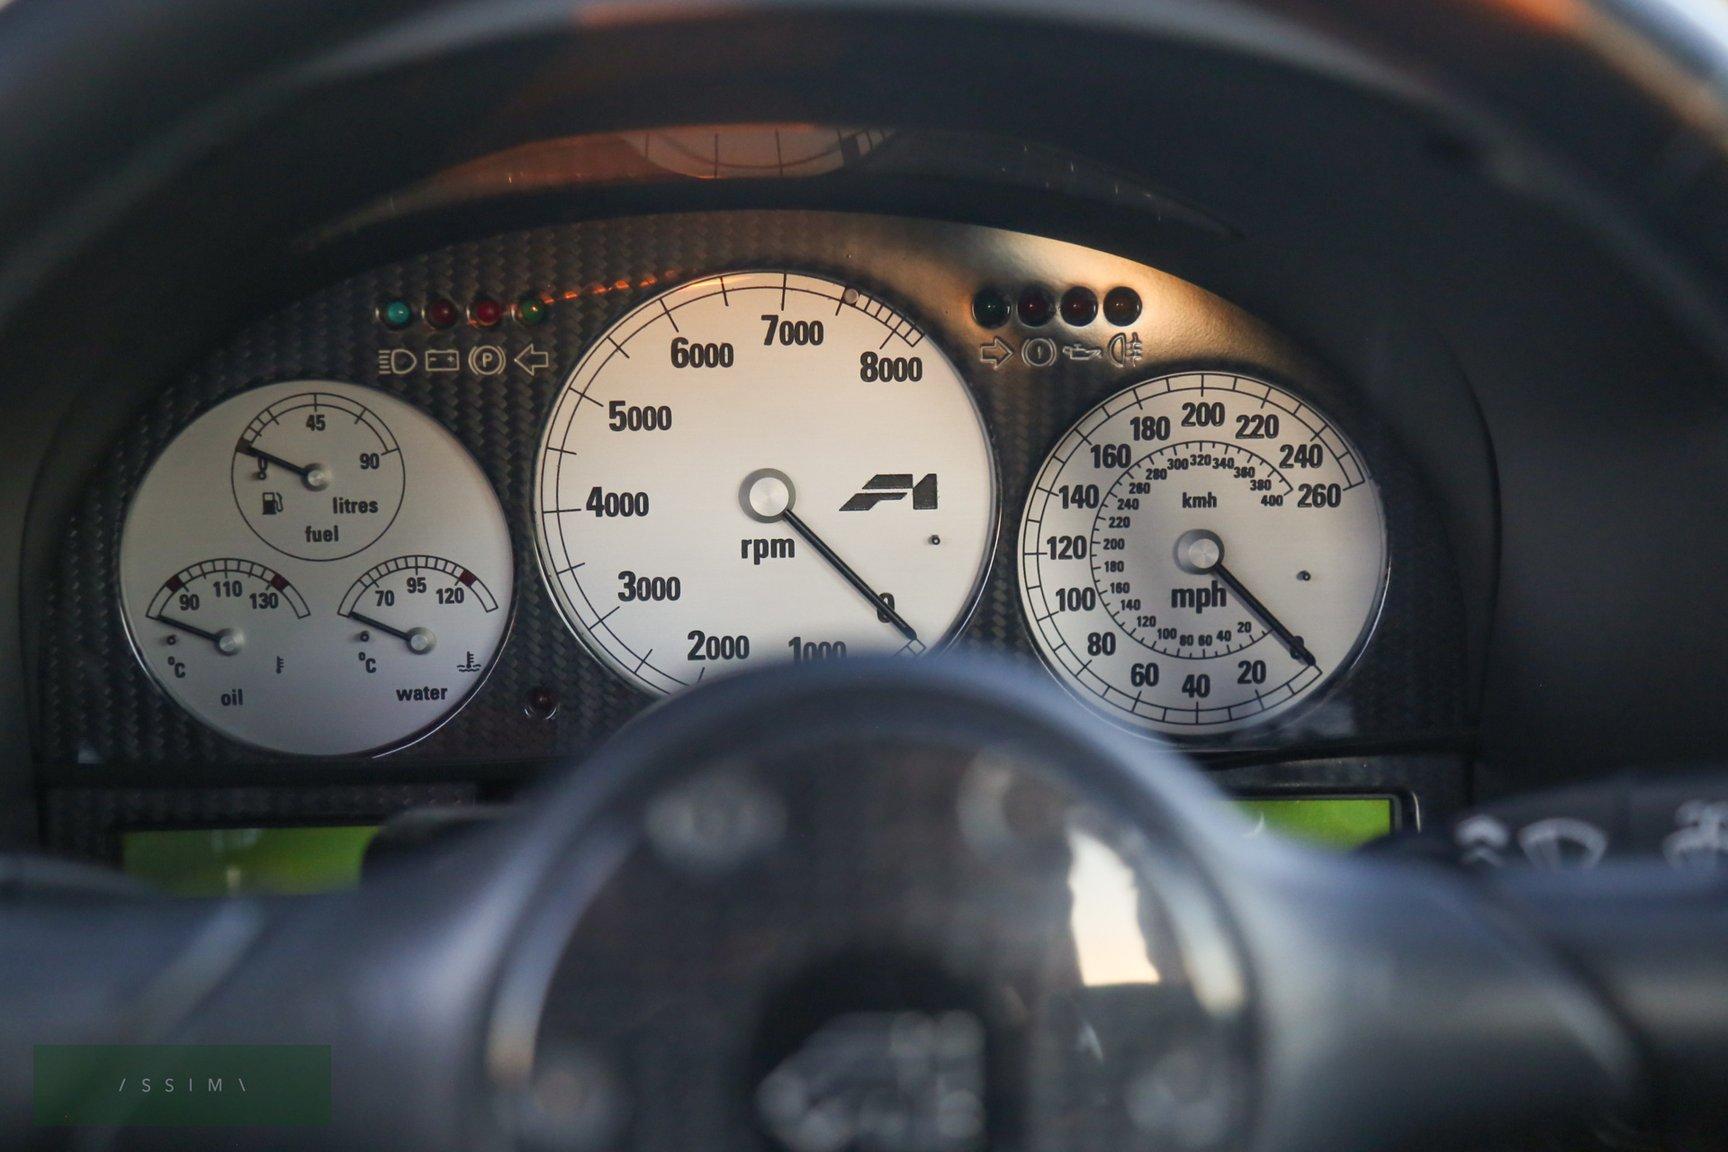 1995 McLaren F1 speedo